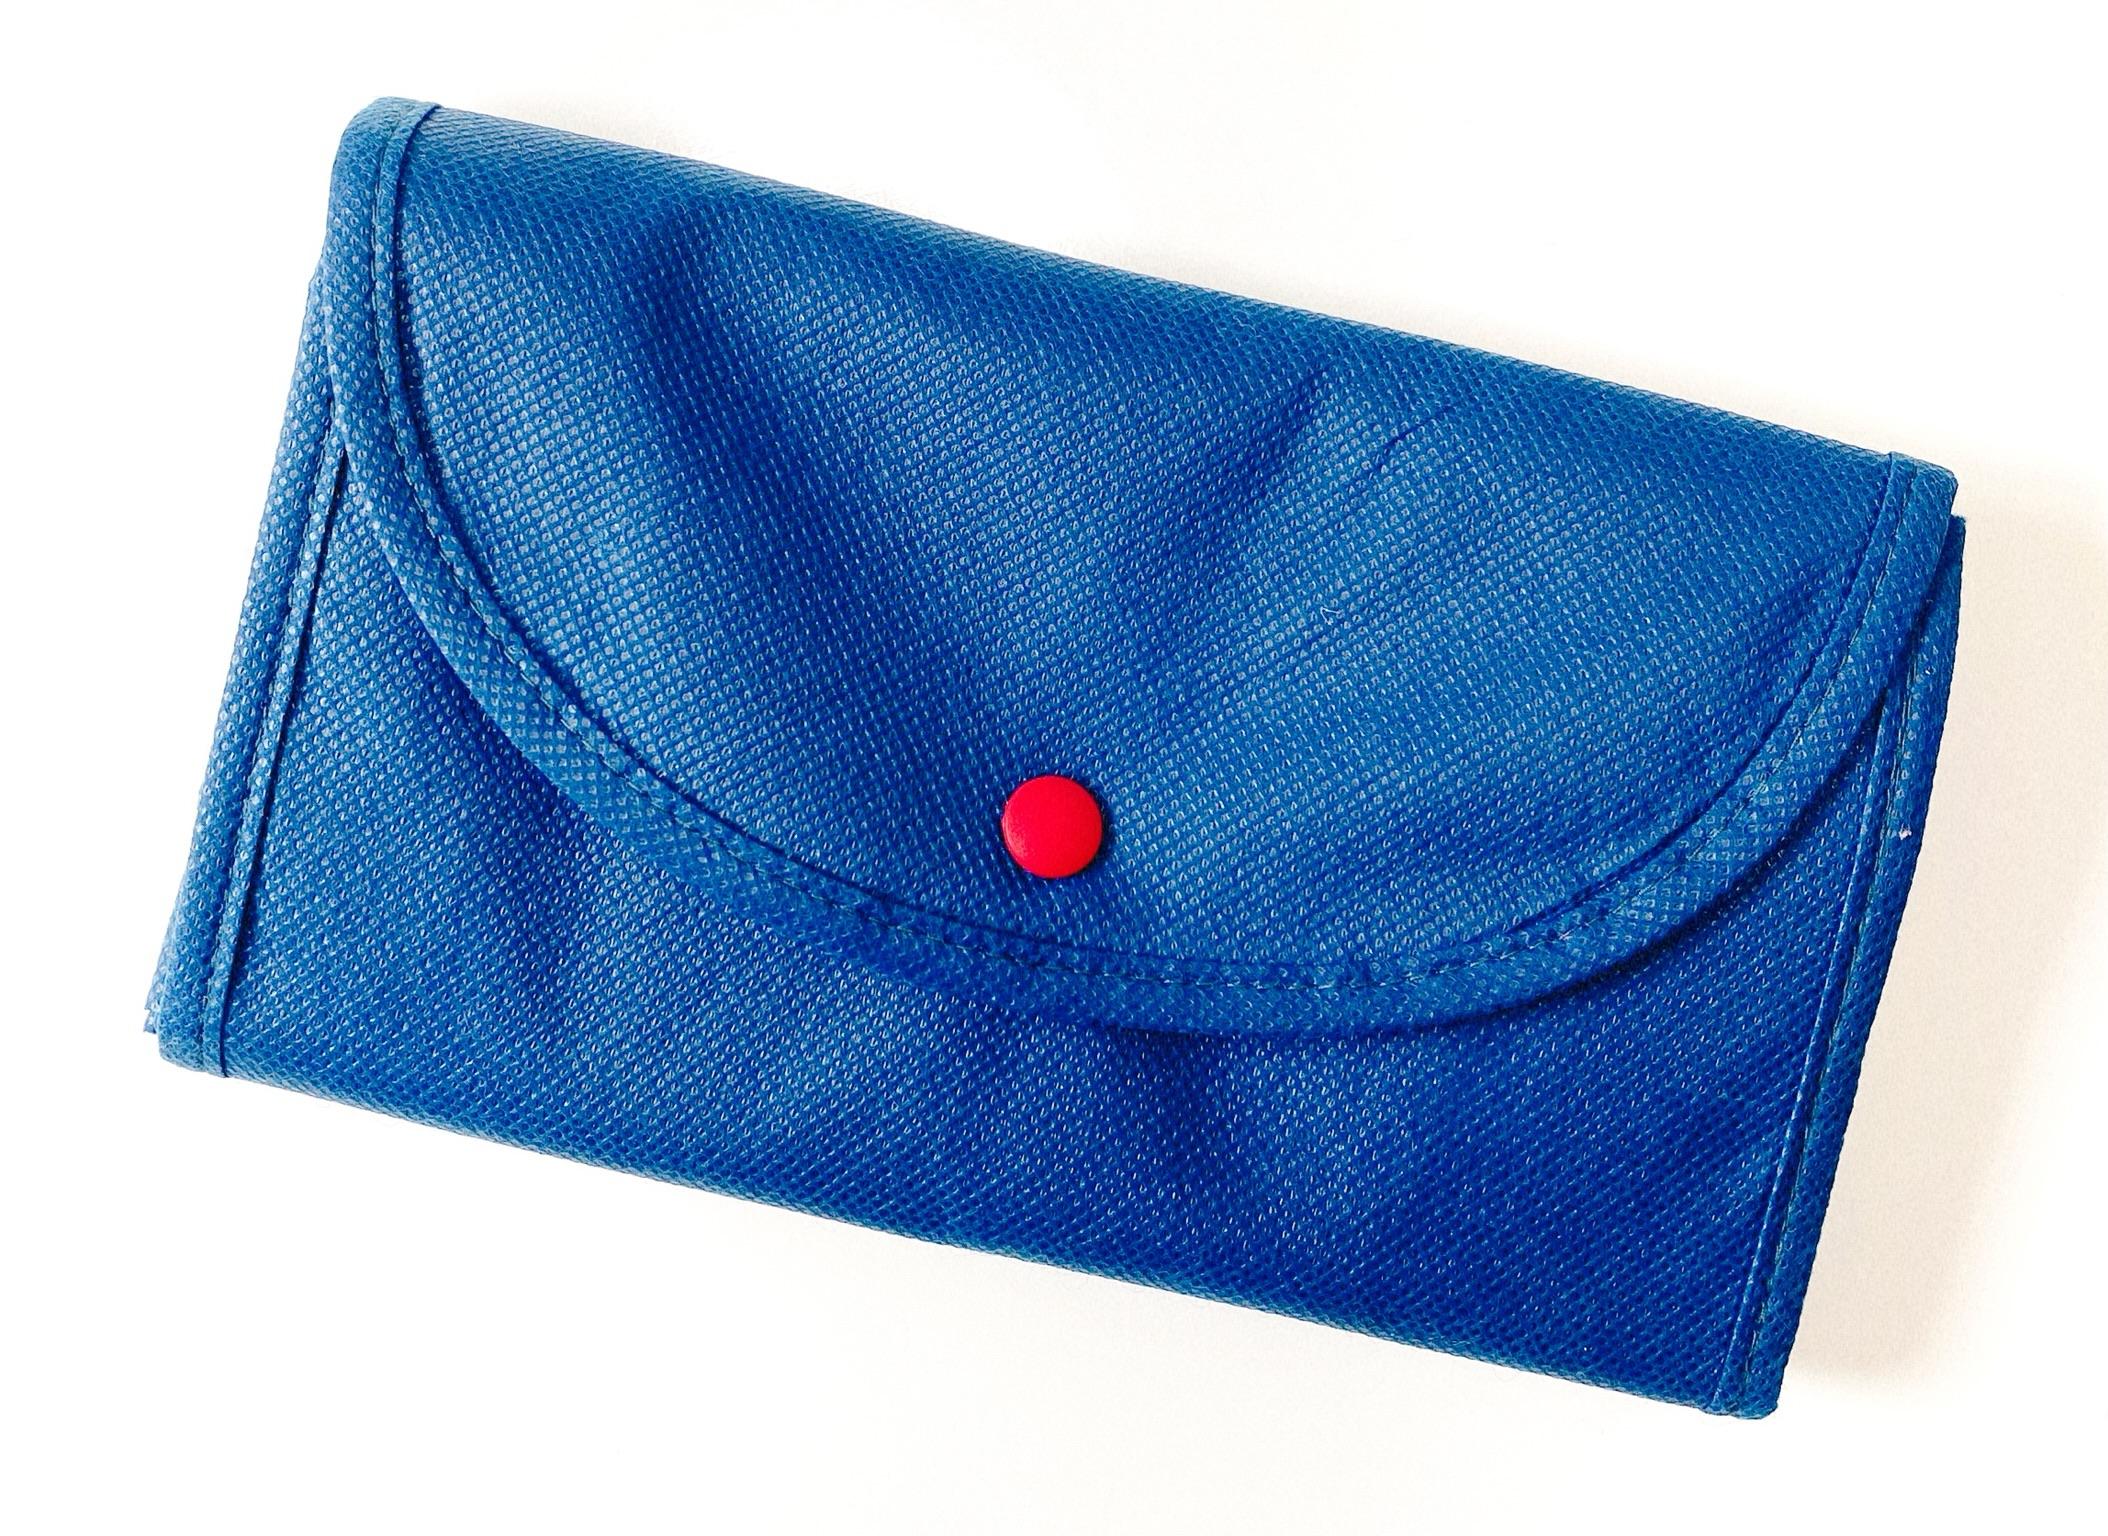 【エコバッグ】3サイズ展開!ポケモンセンター のマイバッグでお気に入りキャラと買出しへGO!_3